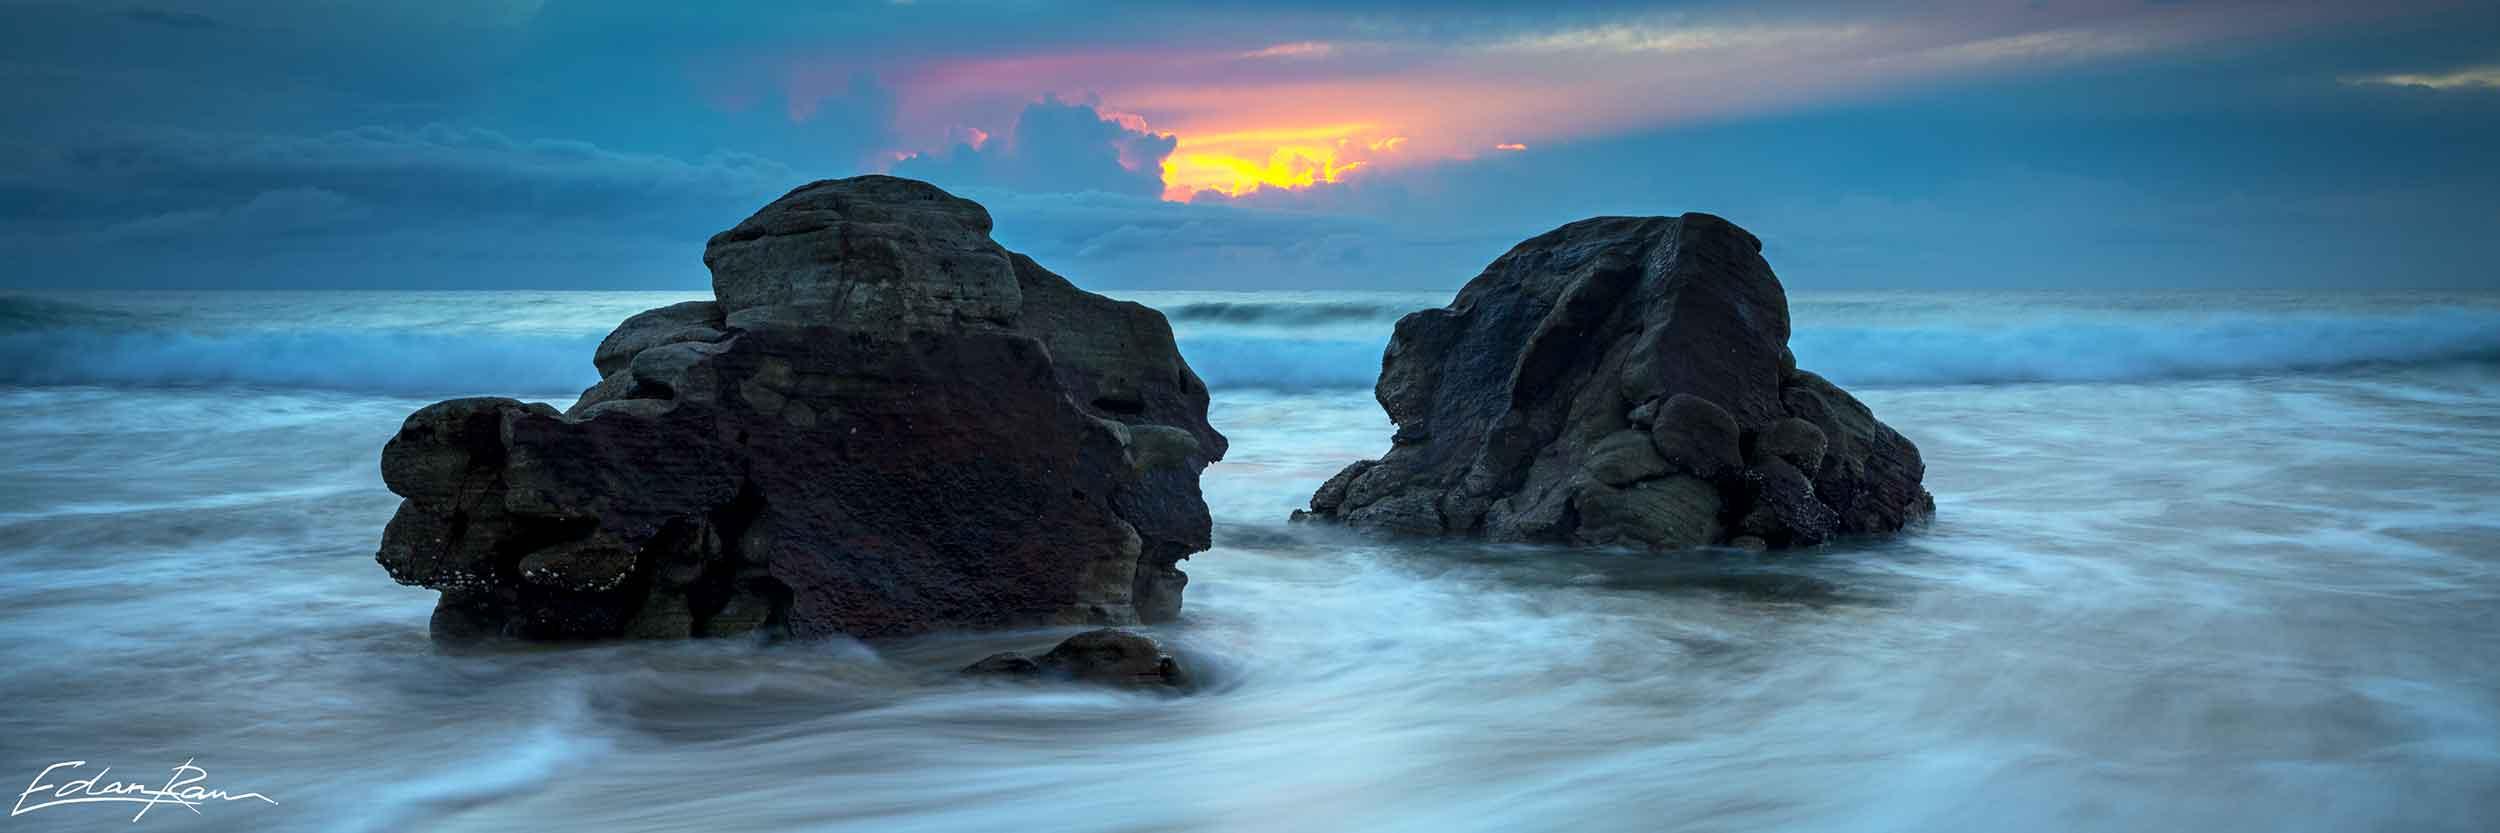 buy landscape photography prints